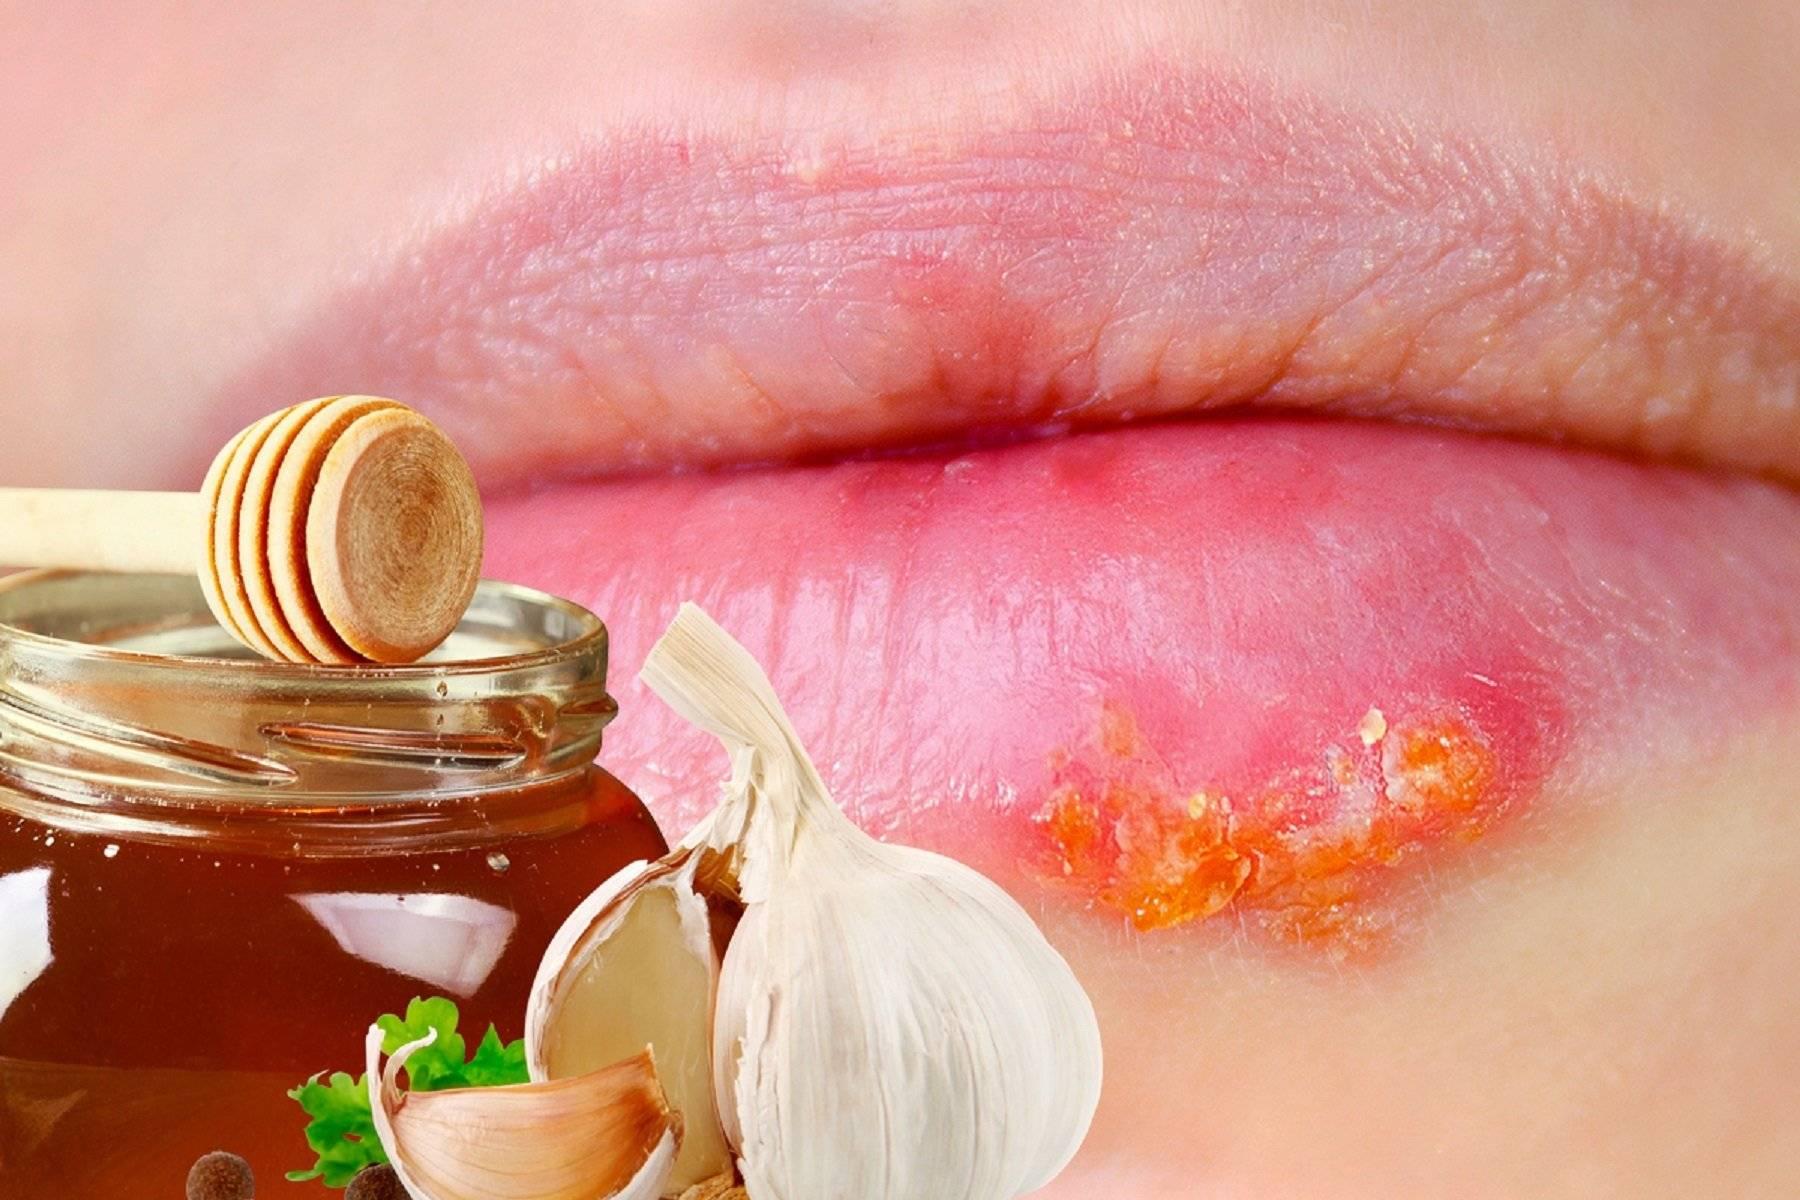 Болячка на внутренней стороне губы: описание с фото, причины появления, консультация врача, лечение и профилактика